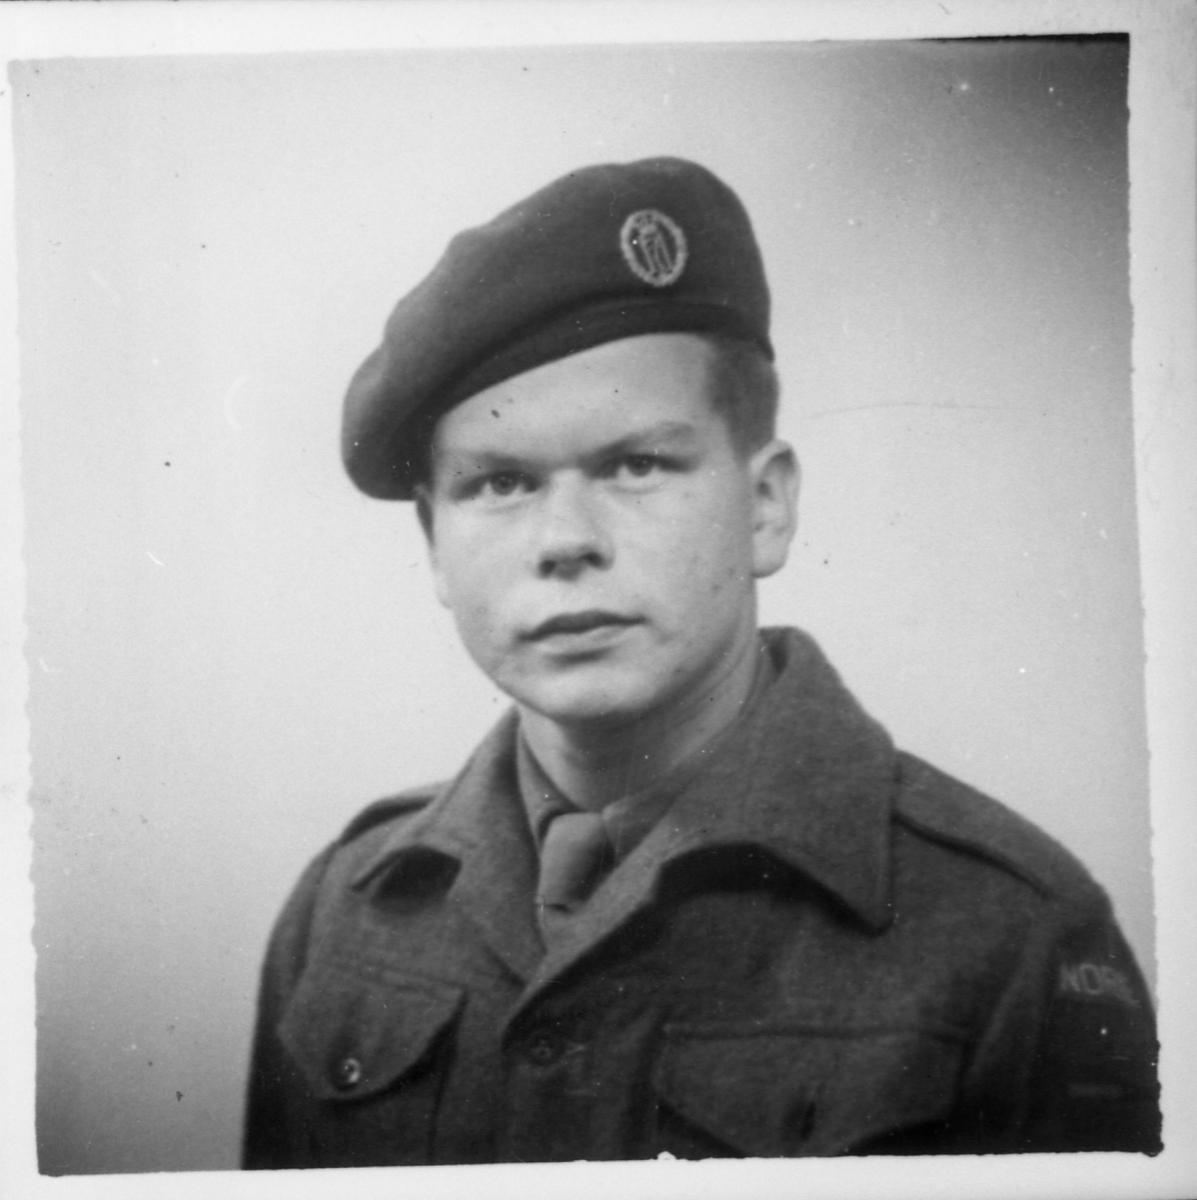 Avfotografert portrett av en soldat. Antatt Arne Lundhagebakken.